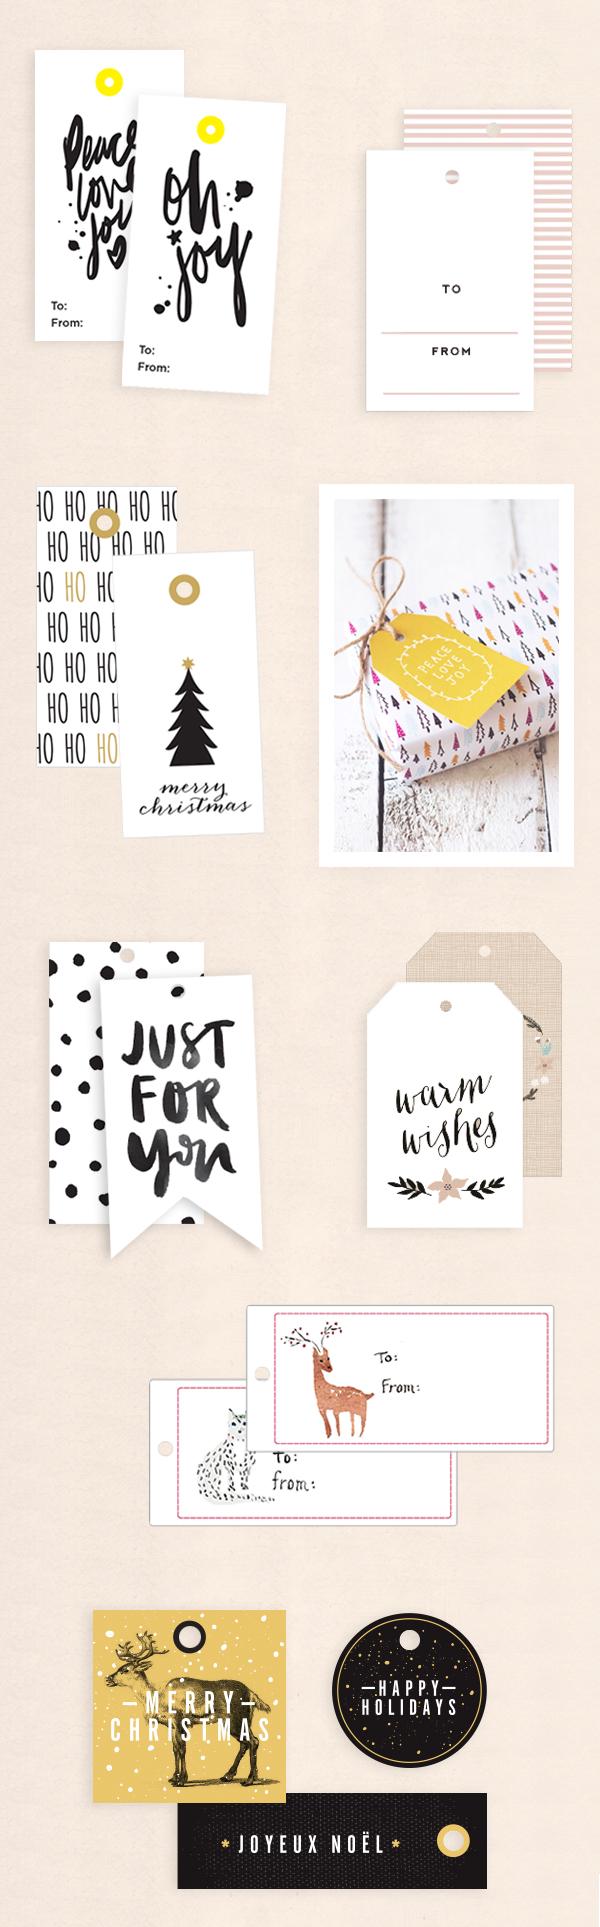 http://3.bp.blogspot.com/-WG5iIsPcuic/VH4ExYAjEuI/AAAAAAAADcE/3Z9LSQiCGkM/s0/free-printable-gift-tags.jpg